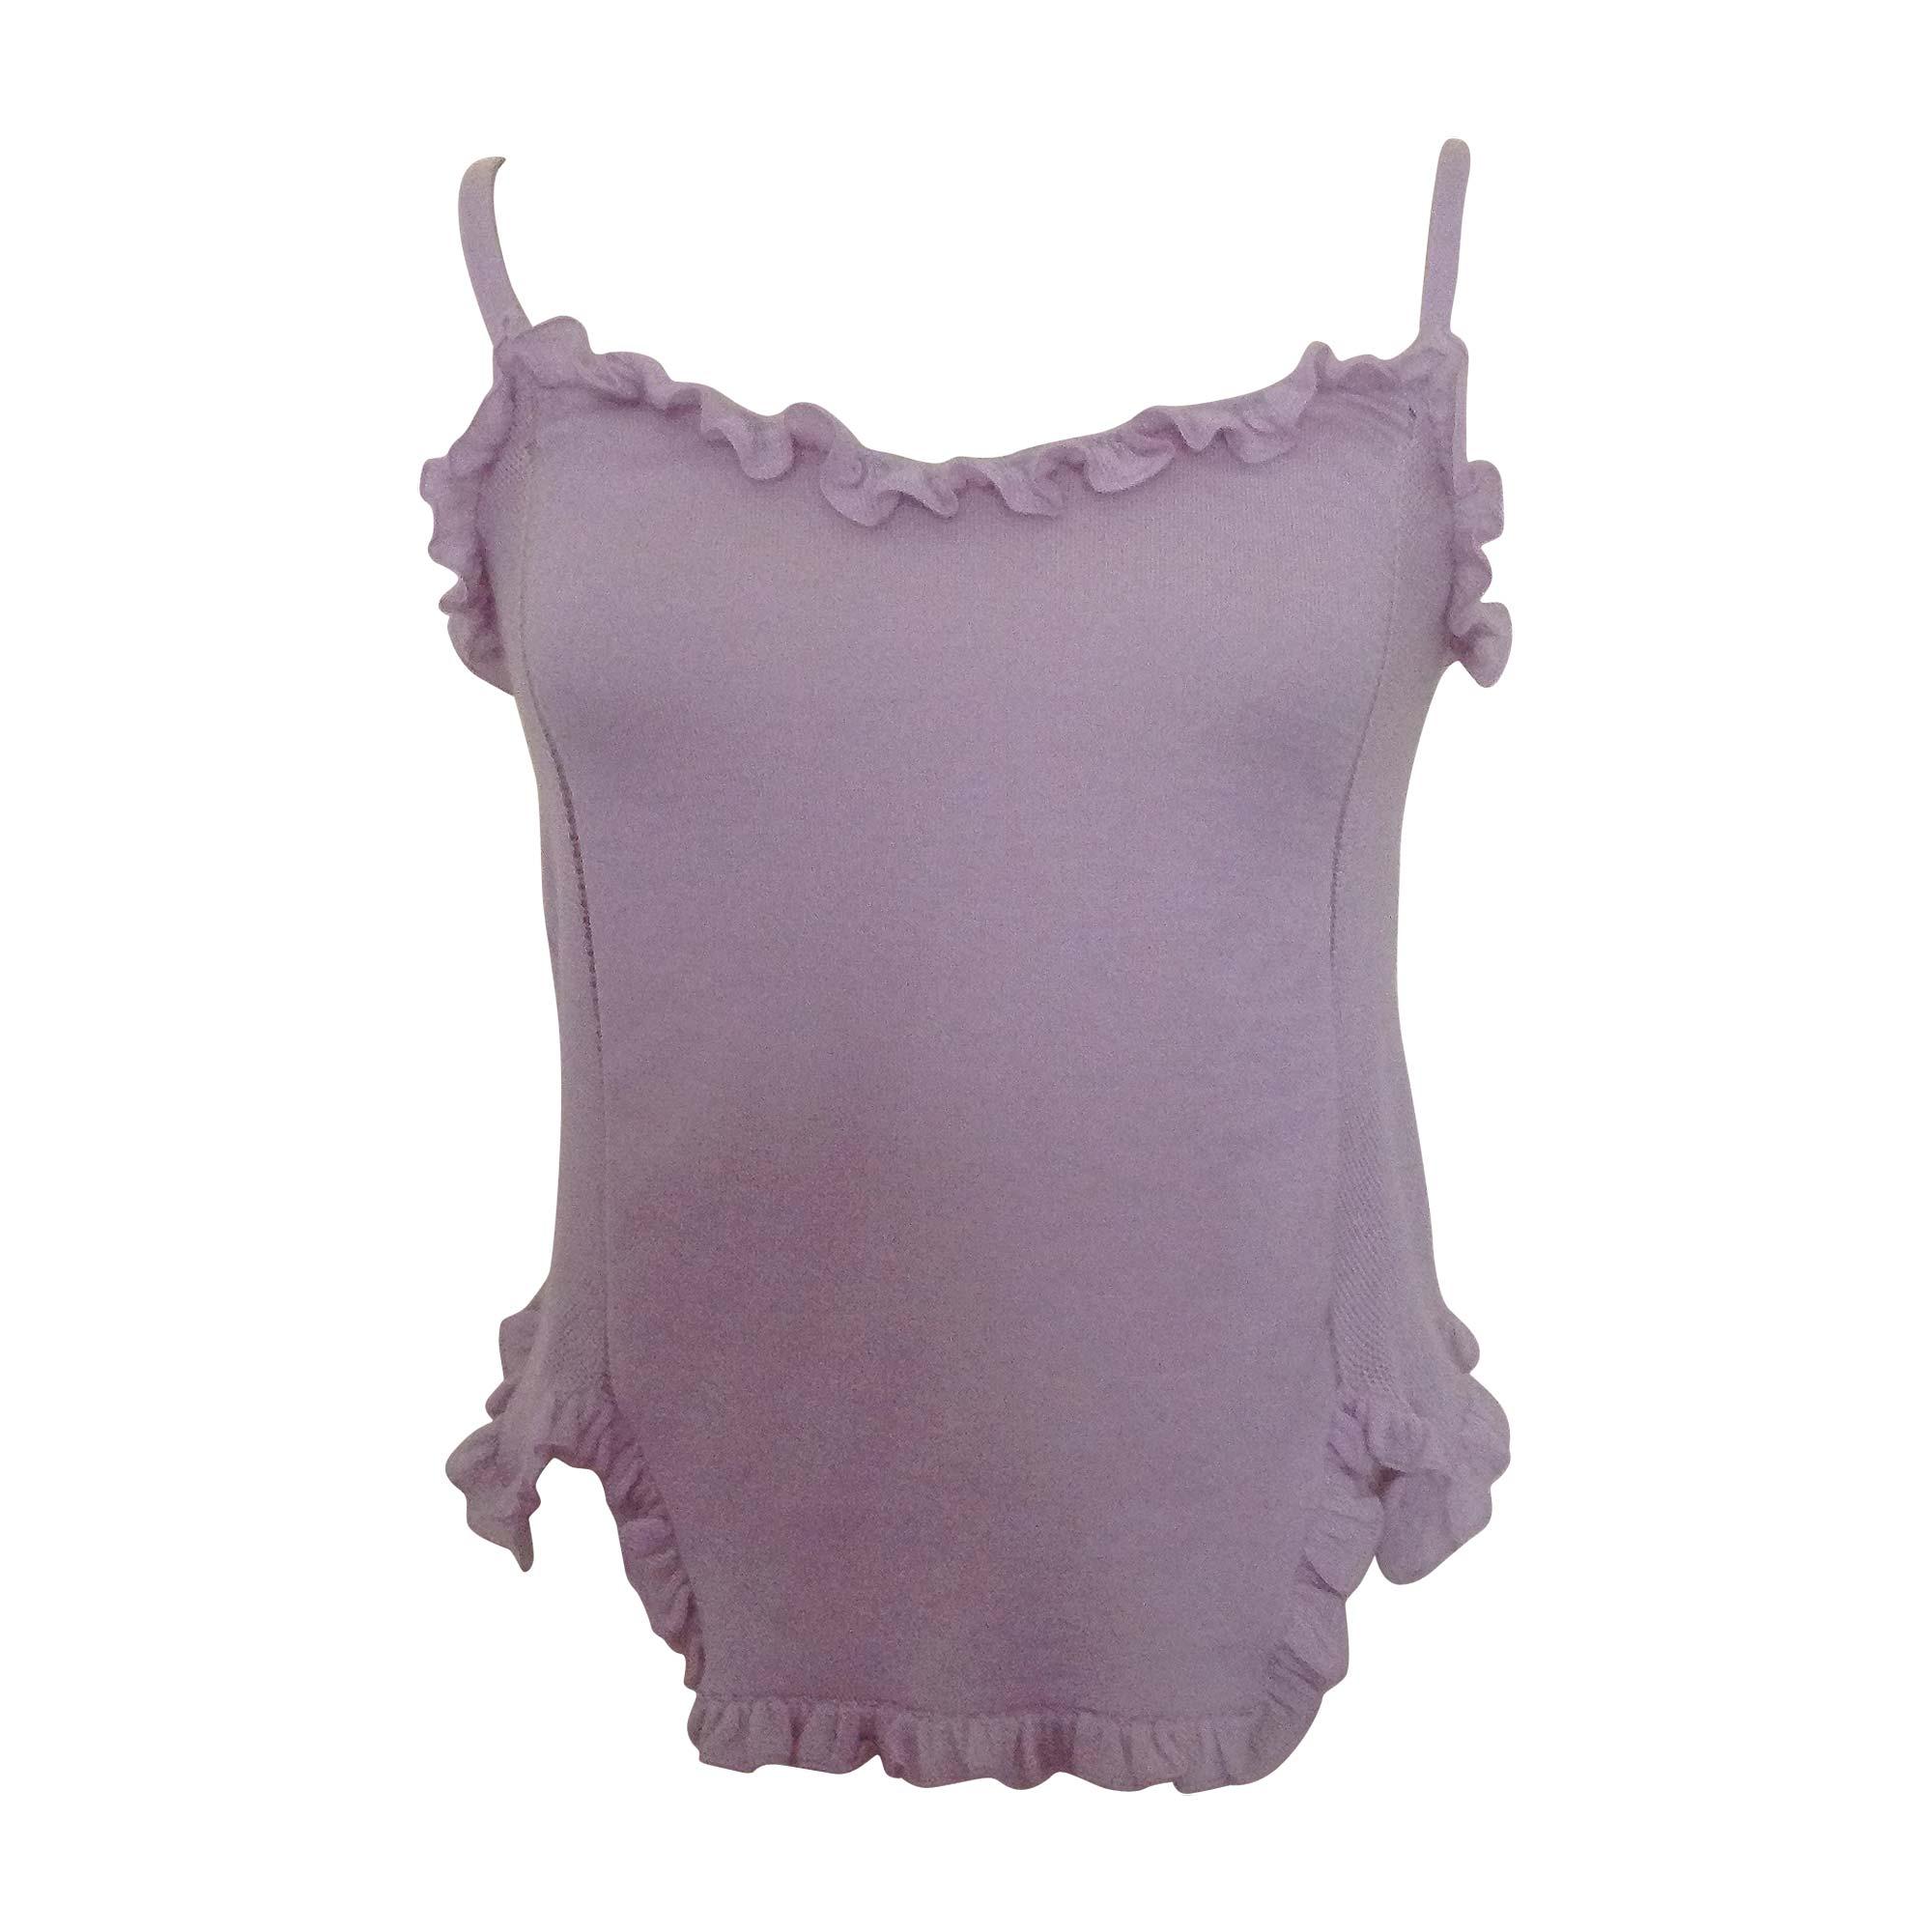 Top, T-shirt GUCCI Purple, mauve, lavender